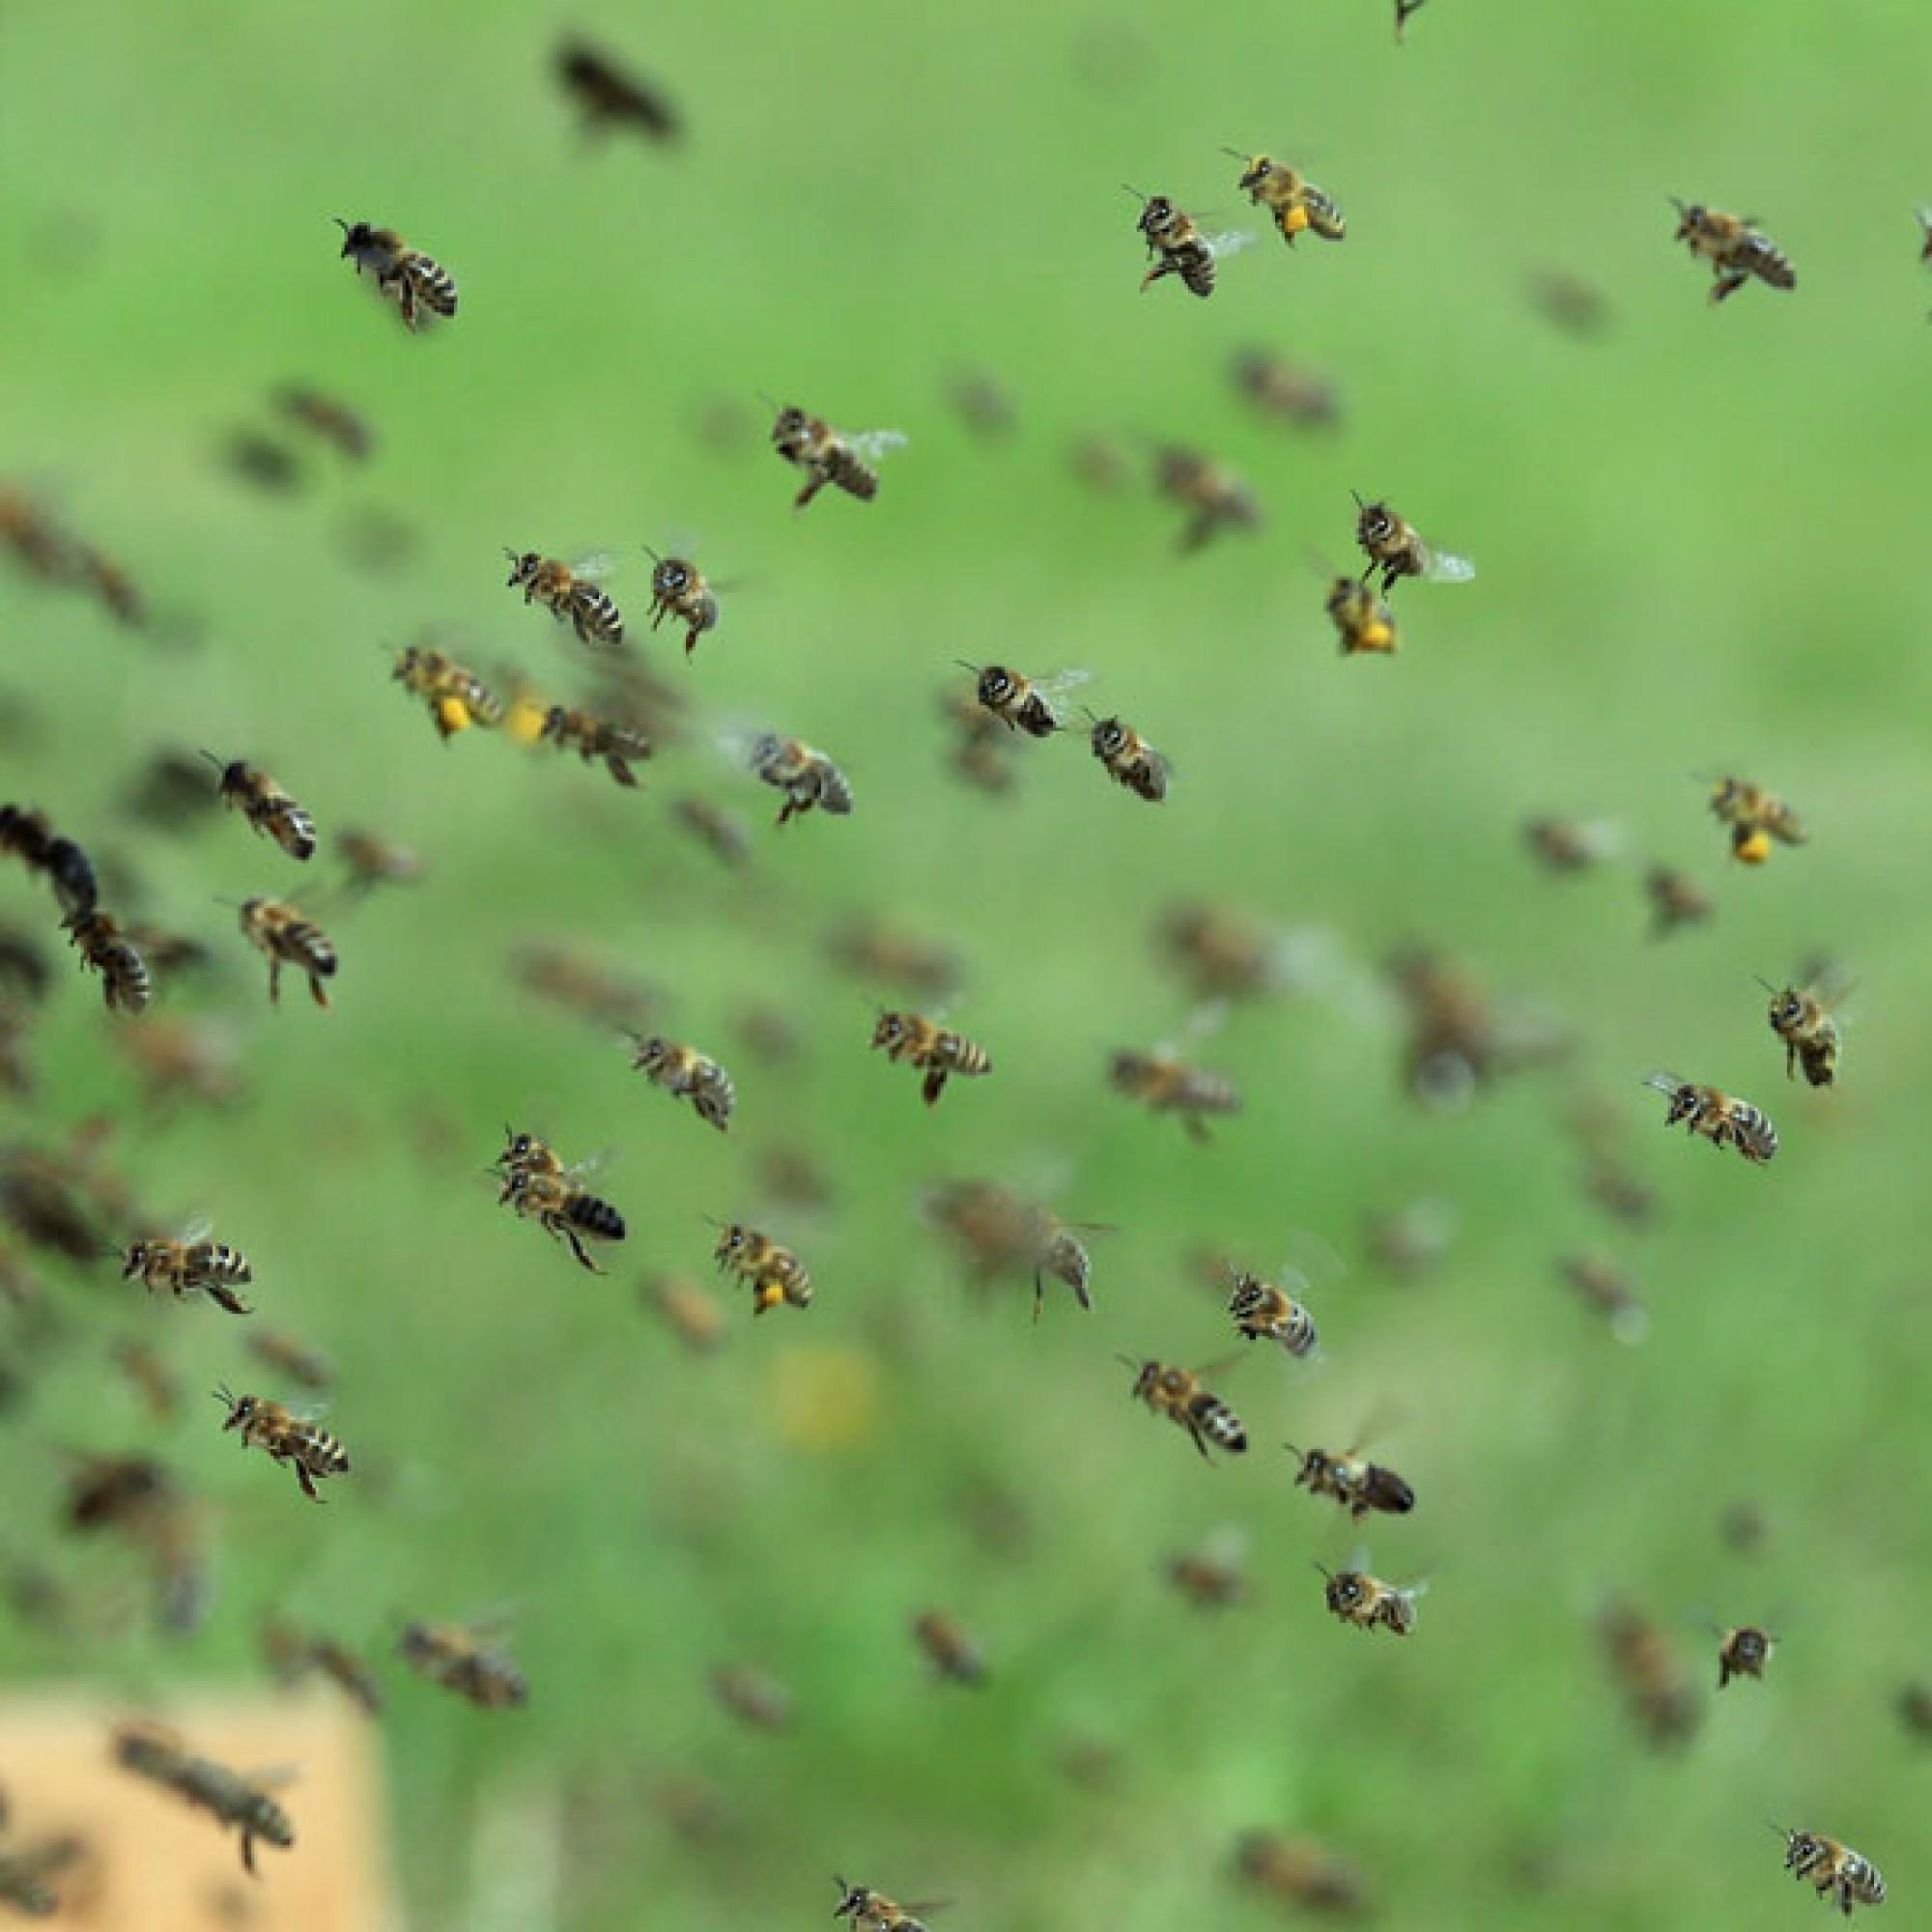 Fleissig wie die Bienen: Herr und Frau Schweizer leisteten rund 800 Milliarden Arbeitsstunden. (Bild: sumx / pixabay.com)